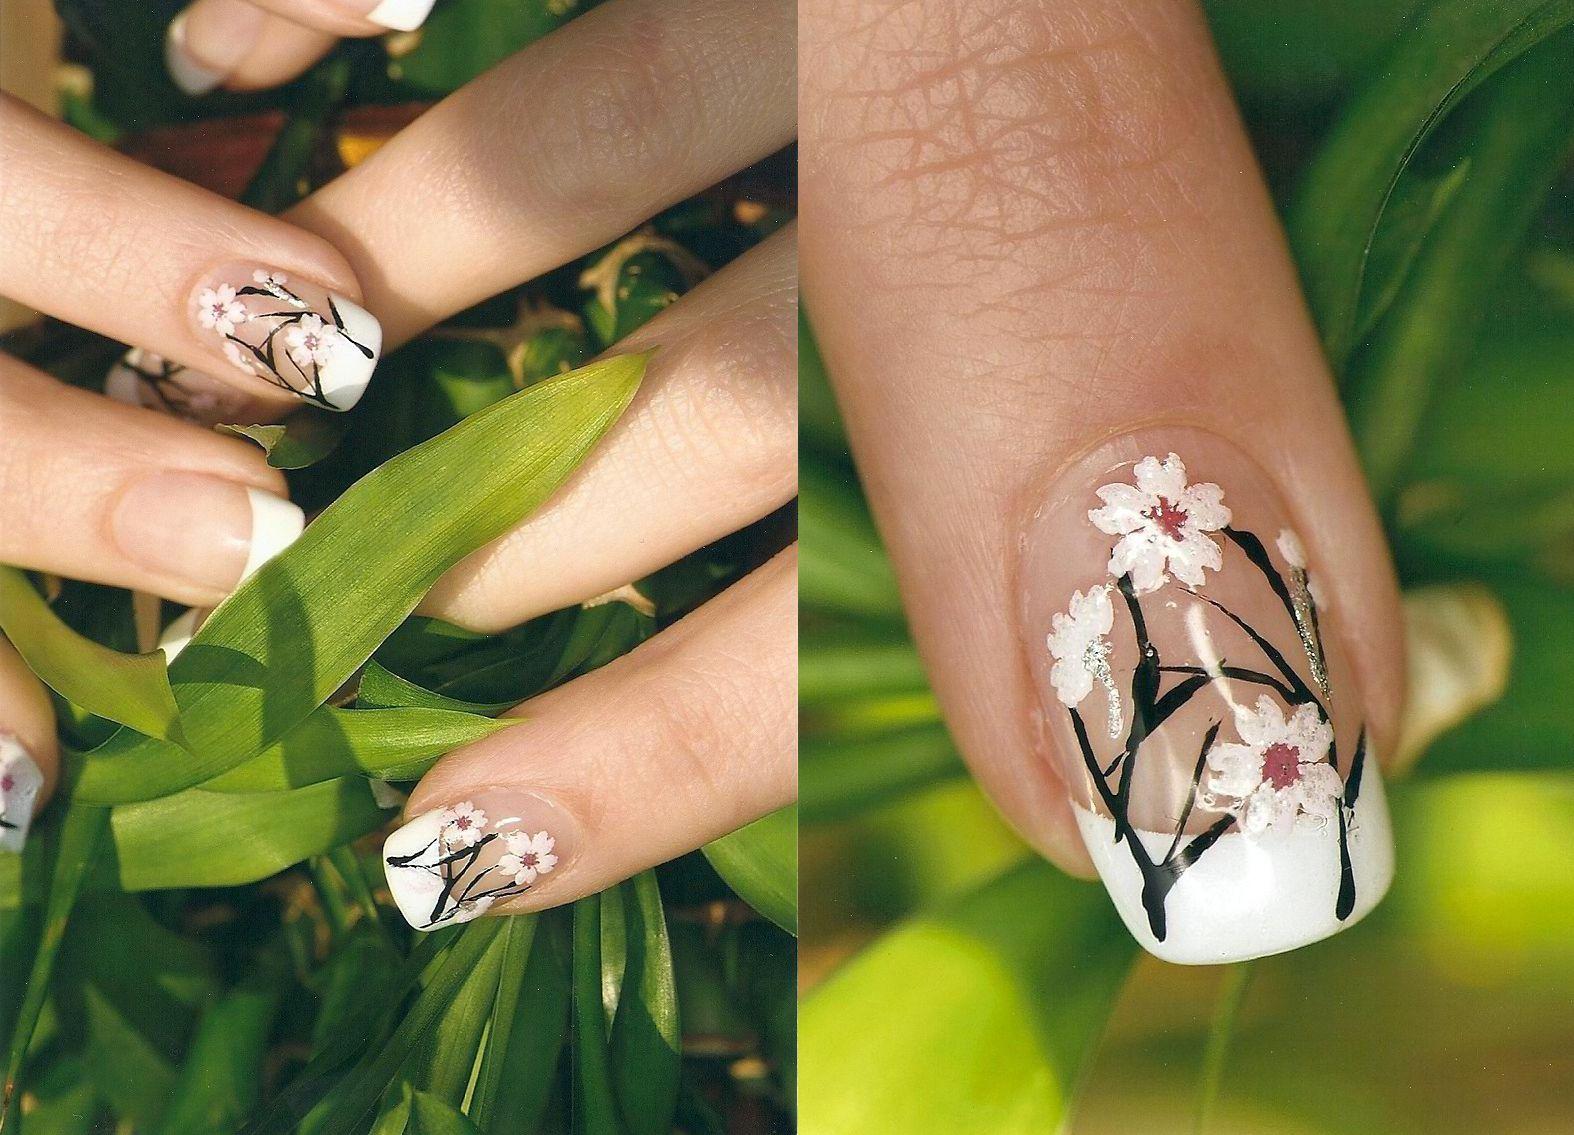 Magnífico Uñas Negro Y Rosa Lindo Ornamento - Ideas Para Pintar Uñas ...